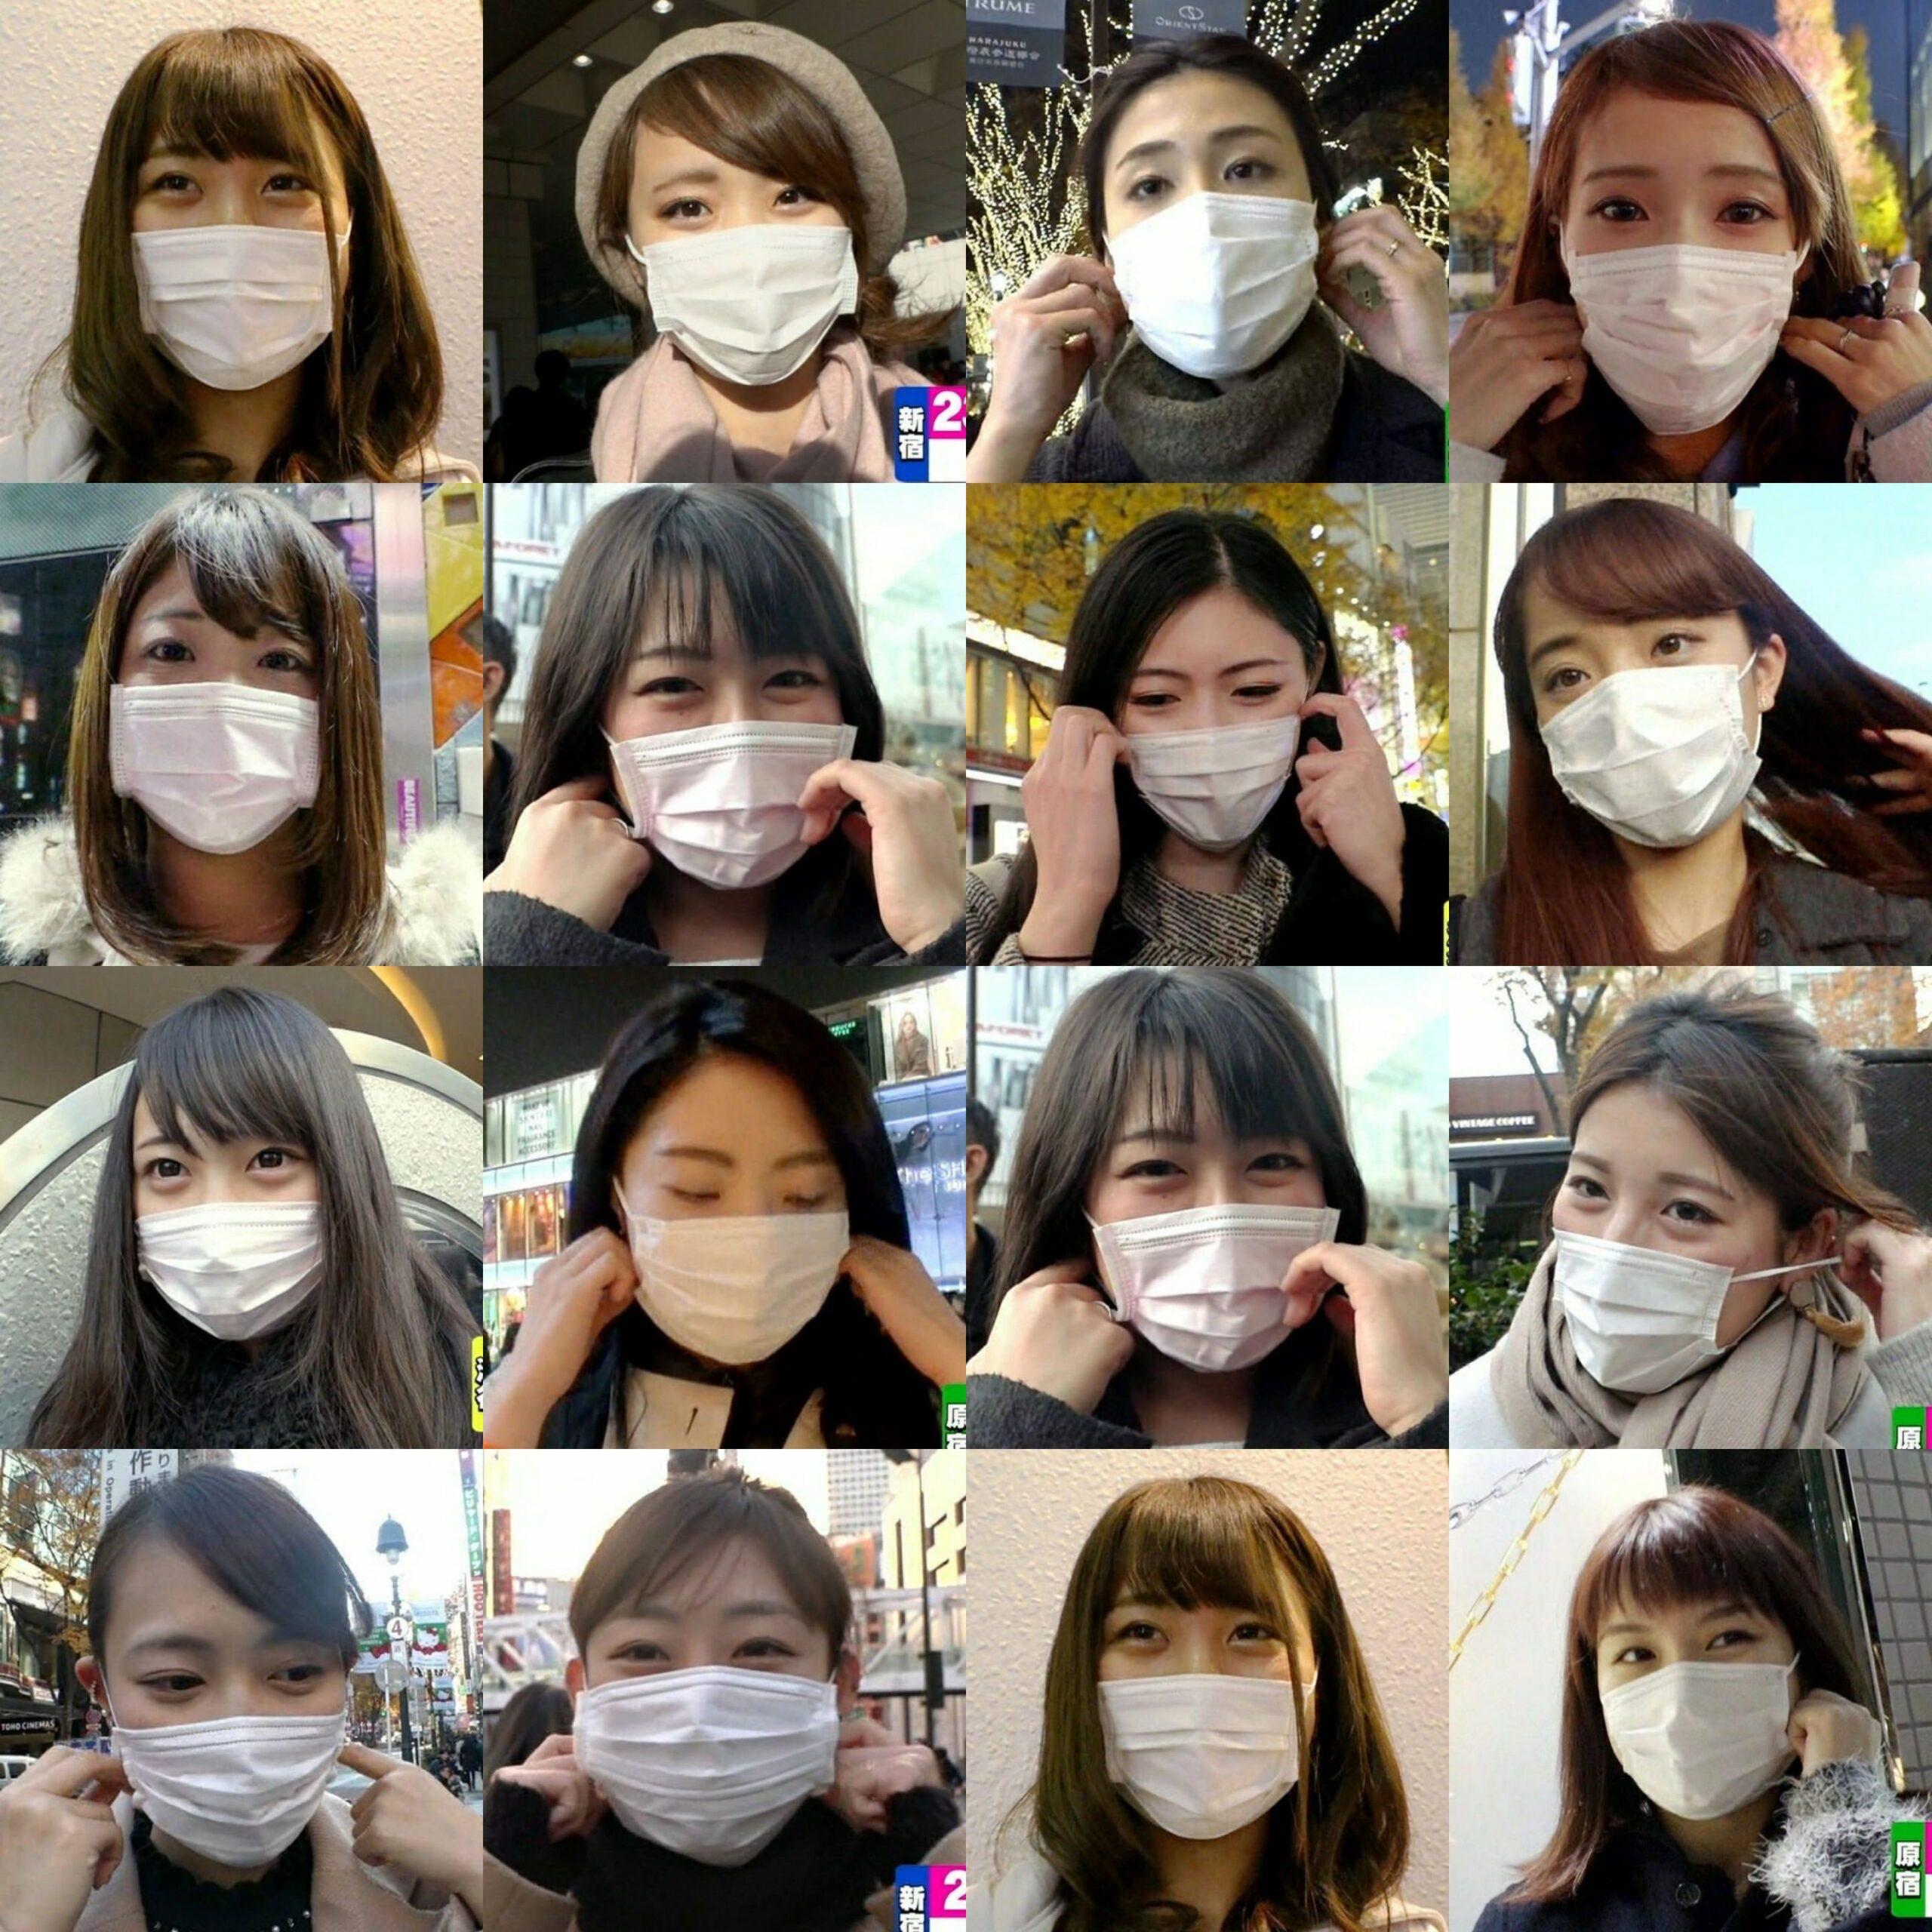 【画像】どのマスク美人を選ぶかでセンスが試される画像